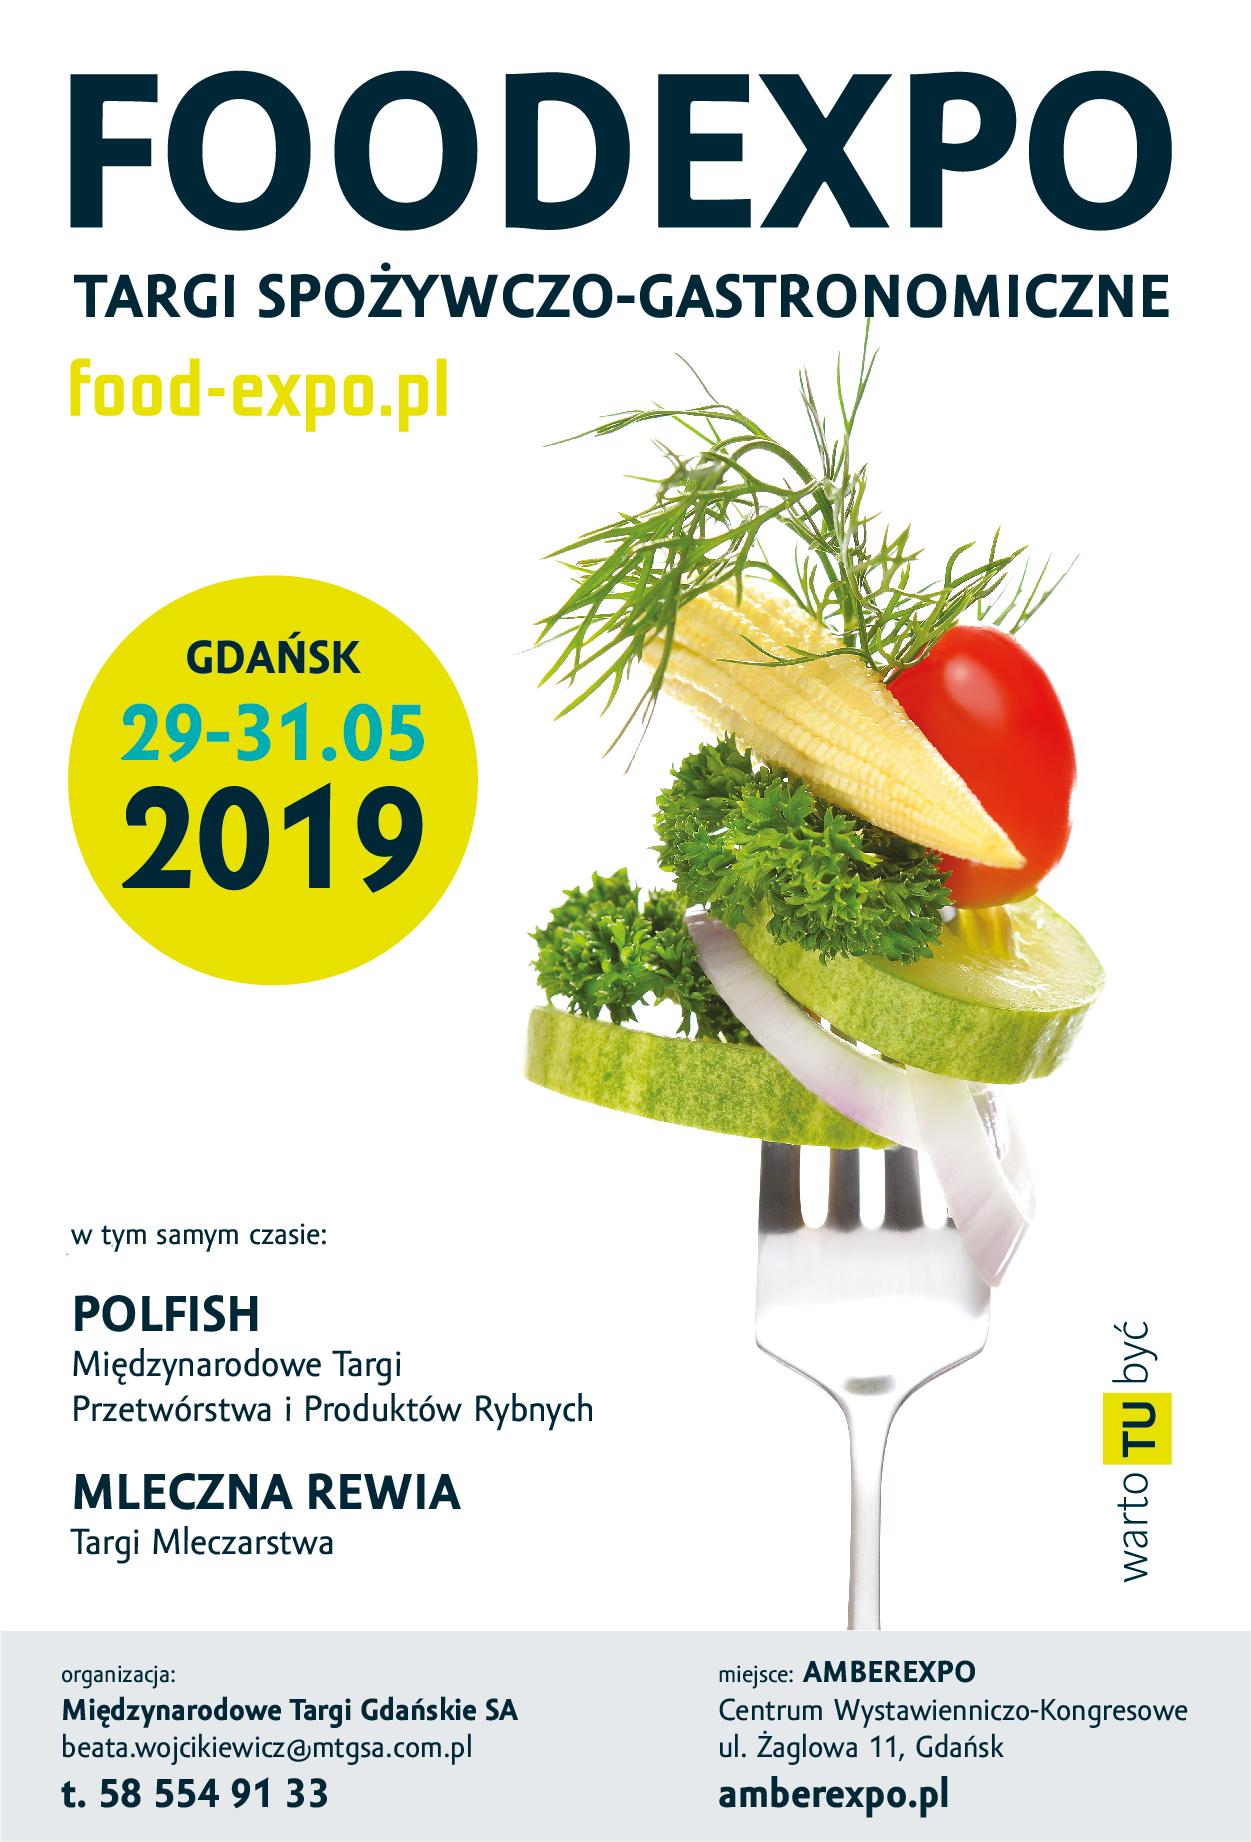 FOODEXPO 2019 w Gdańsku